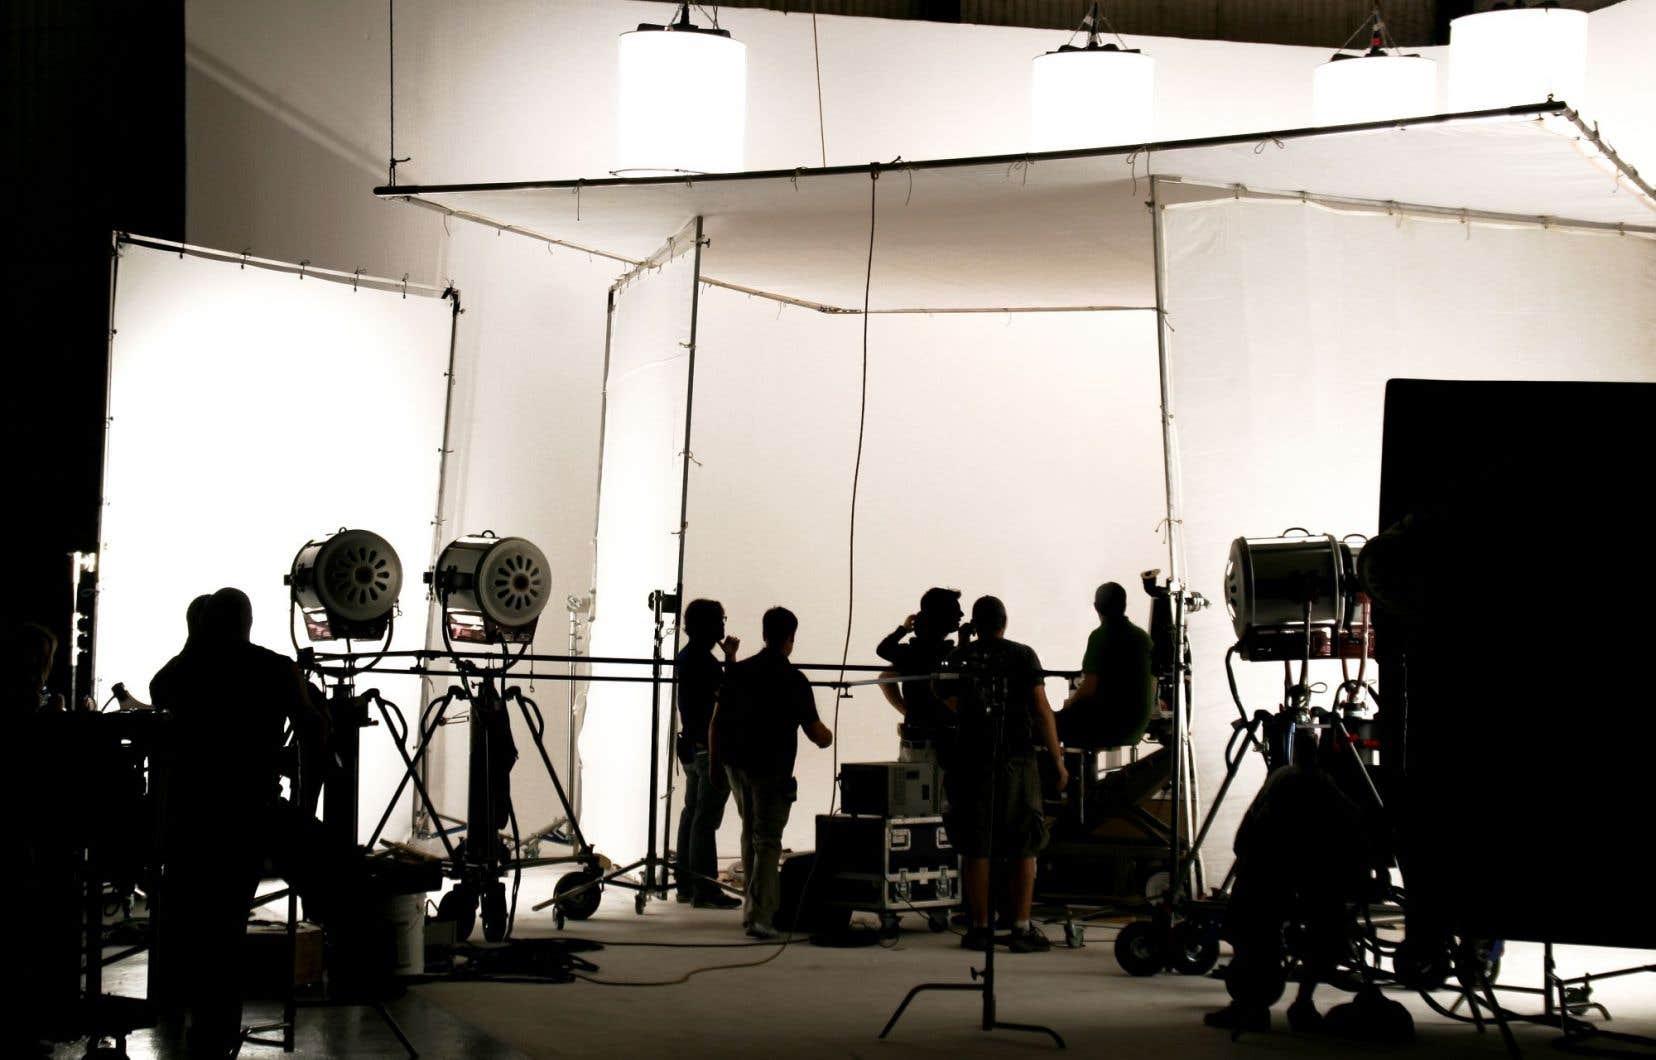 L'industrie audiovisuelle n'est pas la seule à lancer des tests. Le monde de la musique est aussi intéressé par la chaîne de blocs.